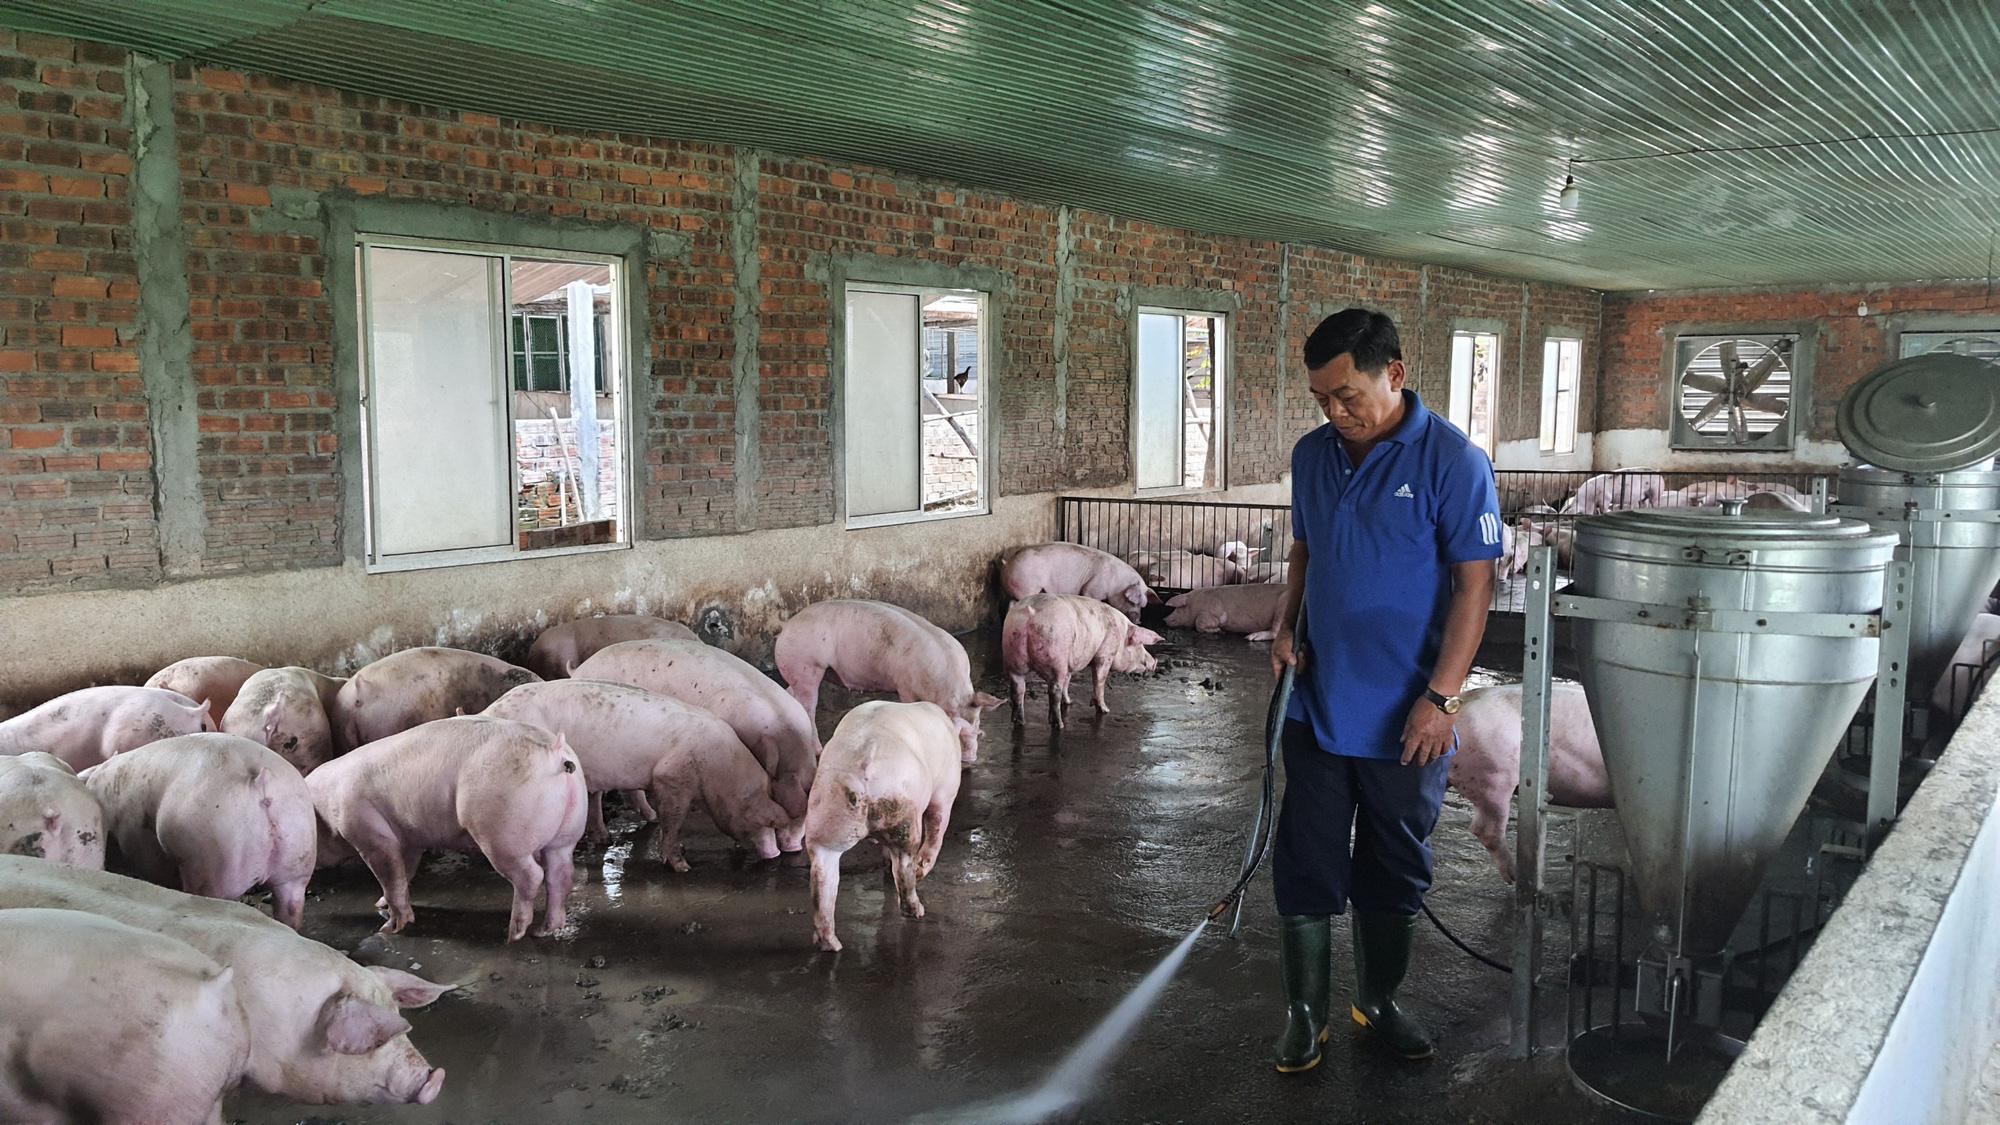 Được Agribank tiếp vốn, một nông dân ở Đà Nẵng vững tin tái đàn lợn lãi hơn 500 triệu đồng/năm - Ảnh 1.